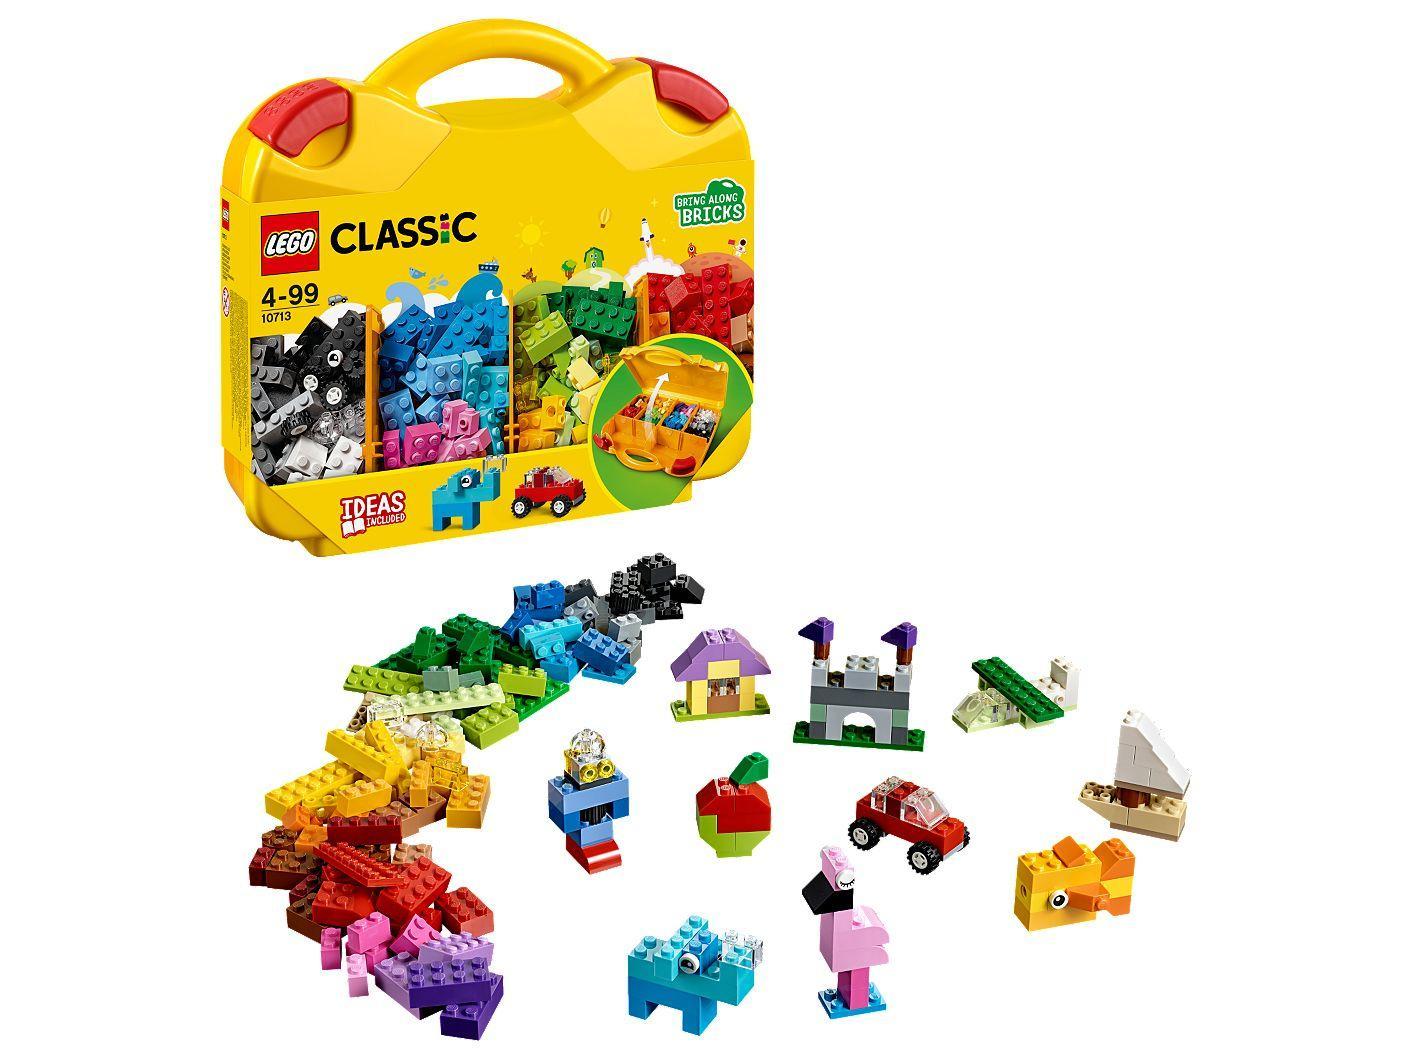 Vali LEGO Classic Sáng Tạo LEGO CLASSIC - 10713 (213 chi tiết)- Hàng chính hãng MYKINGDOM